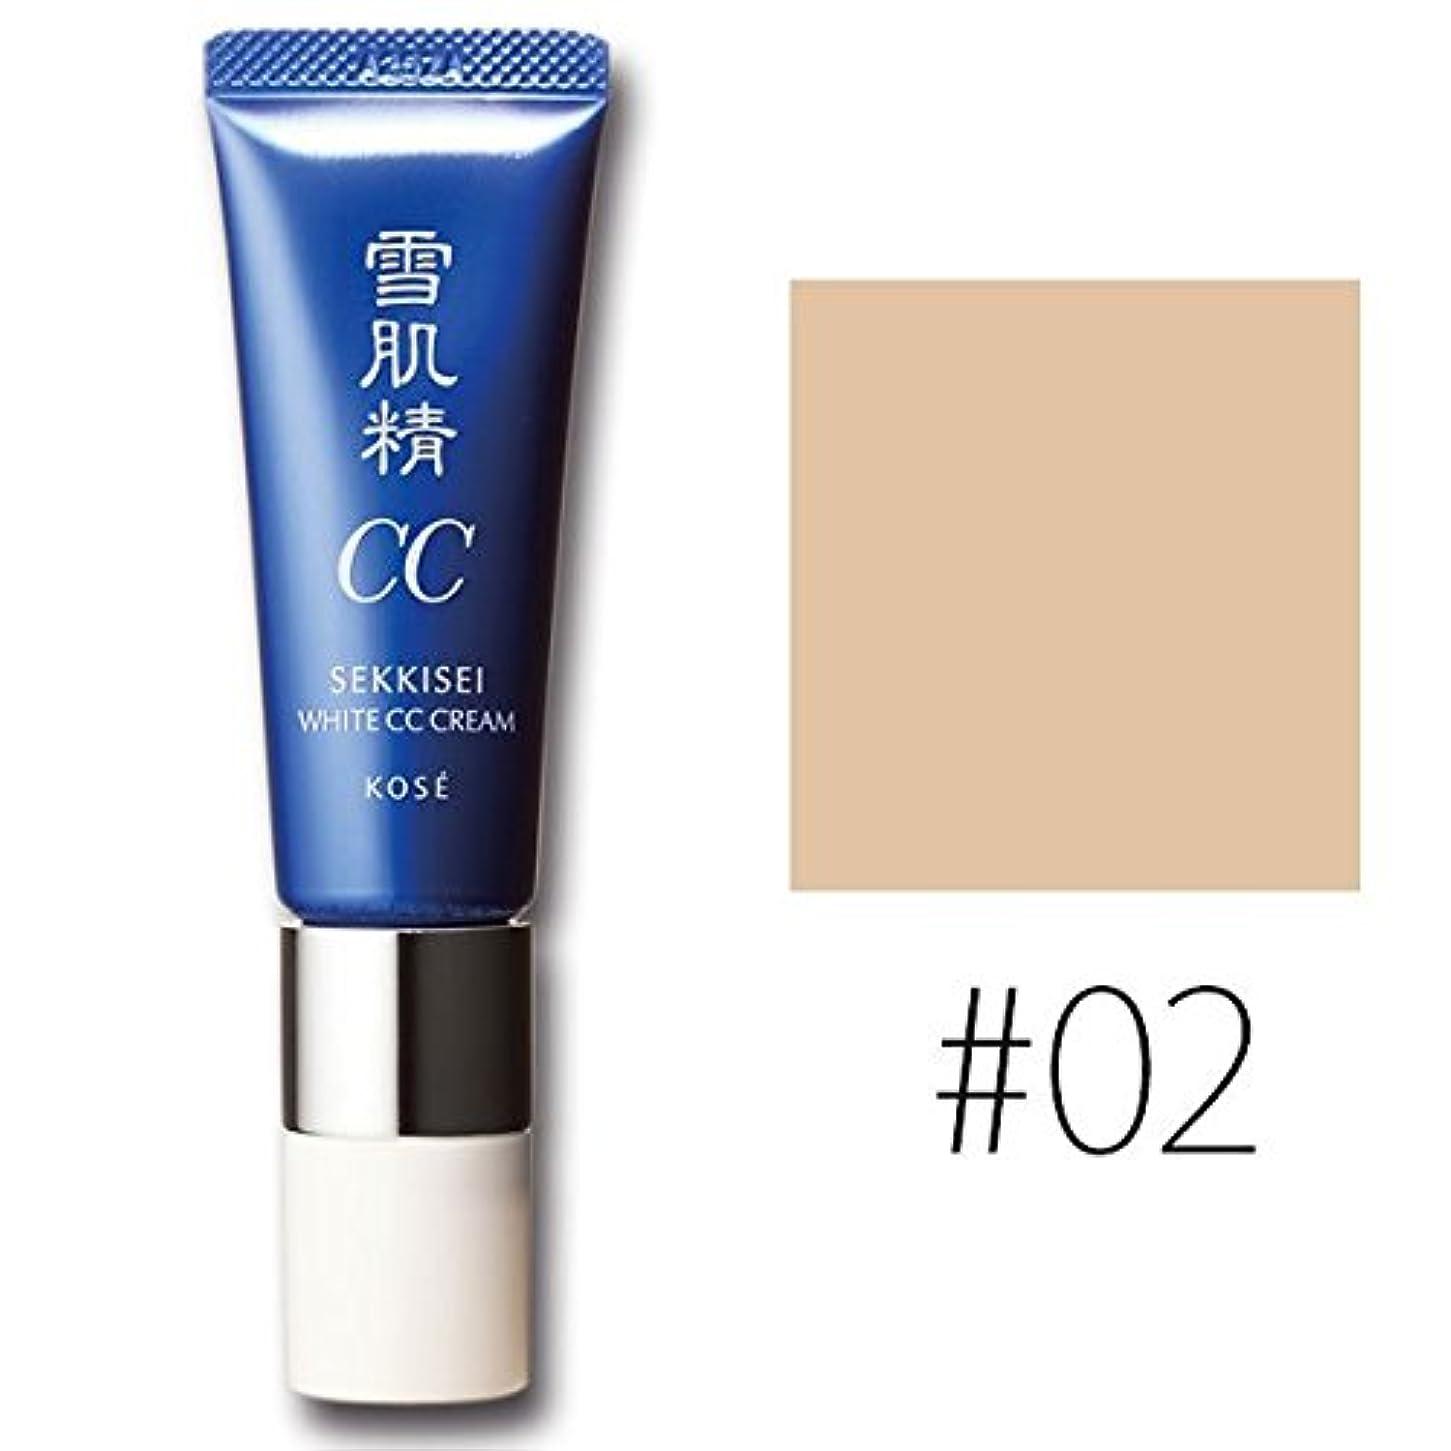 嘆く苦ベッドを作るコーセー 雪肌精 ホワイト CCクリーム【#02】 #OCHRE SPF50+/PA++++ 30g